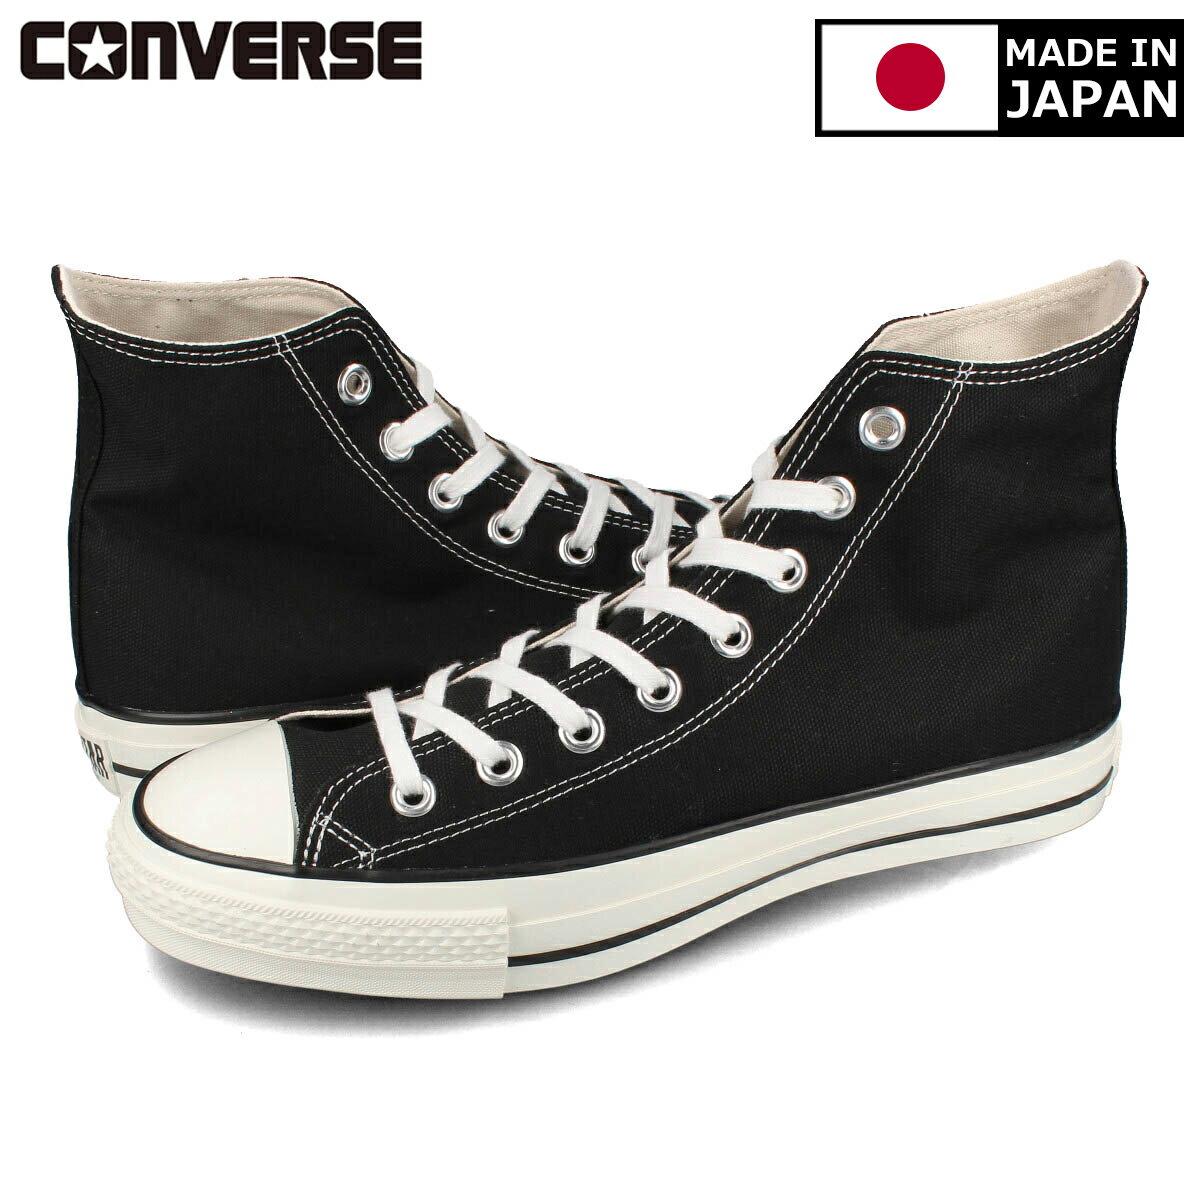 メンズ靴, スニーカー CONVERSE CANVAS ALL STAR J HI MADE IN JAPAN J HI BLACK